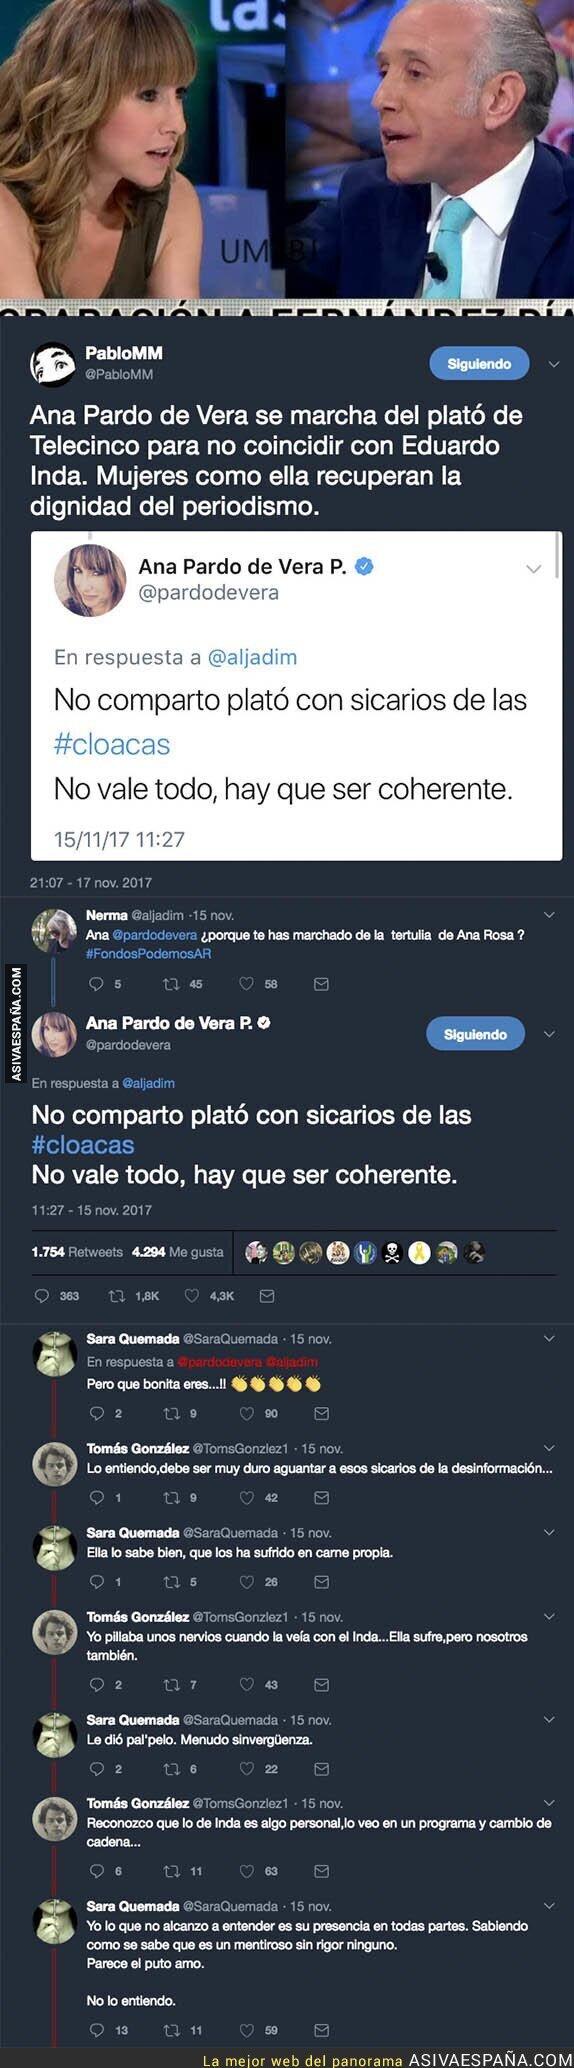 78963 - Todo el mundo está aplaudiendo lo que hizo la periodista Ana Pardo de Vera al ver a Inda en Telecinco